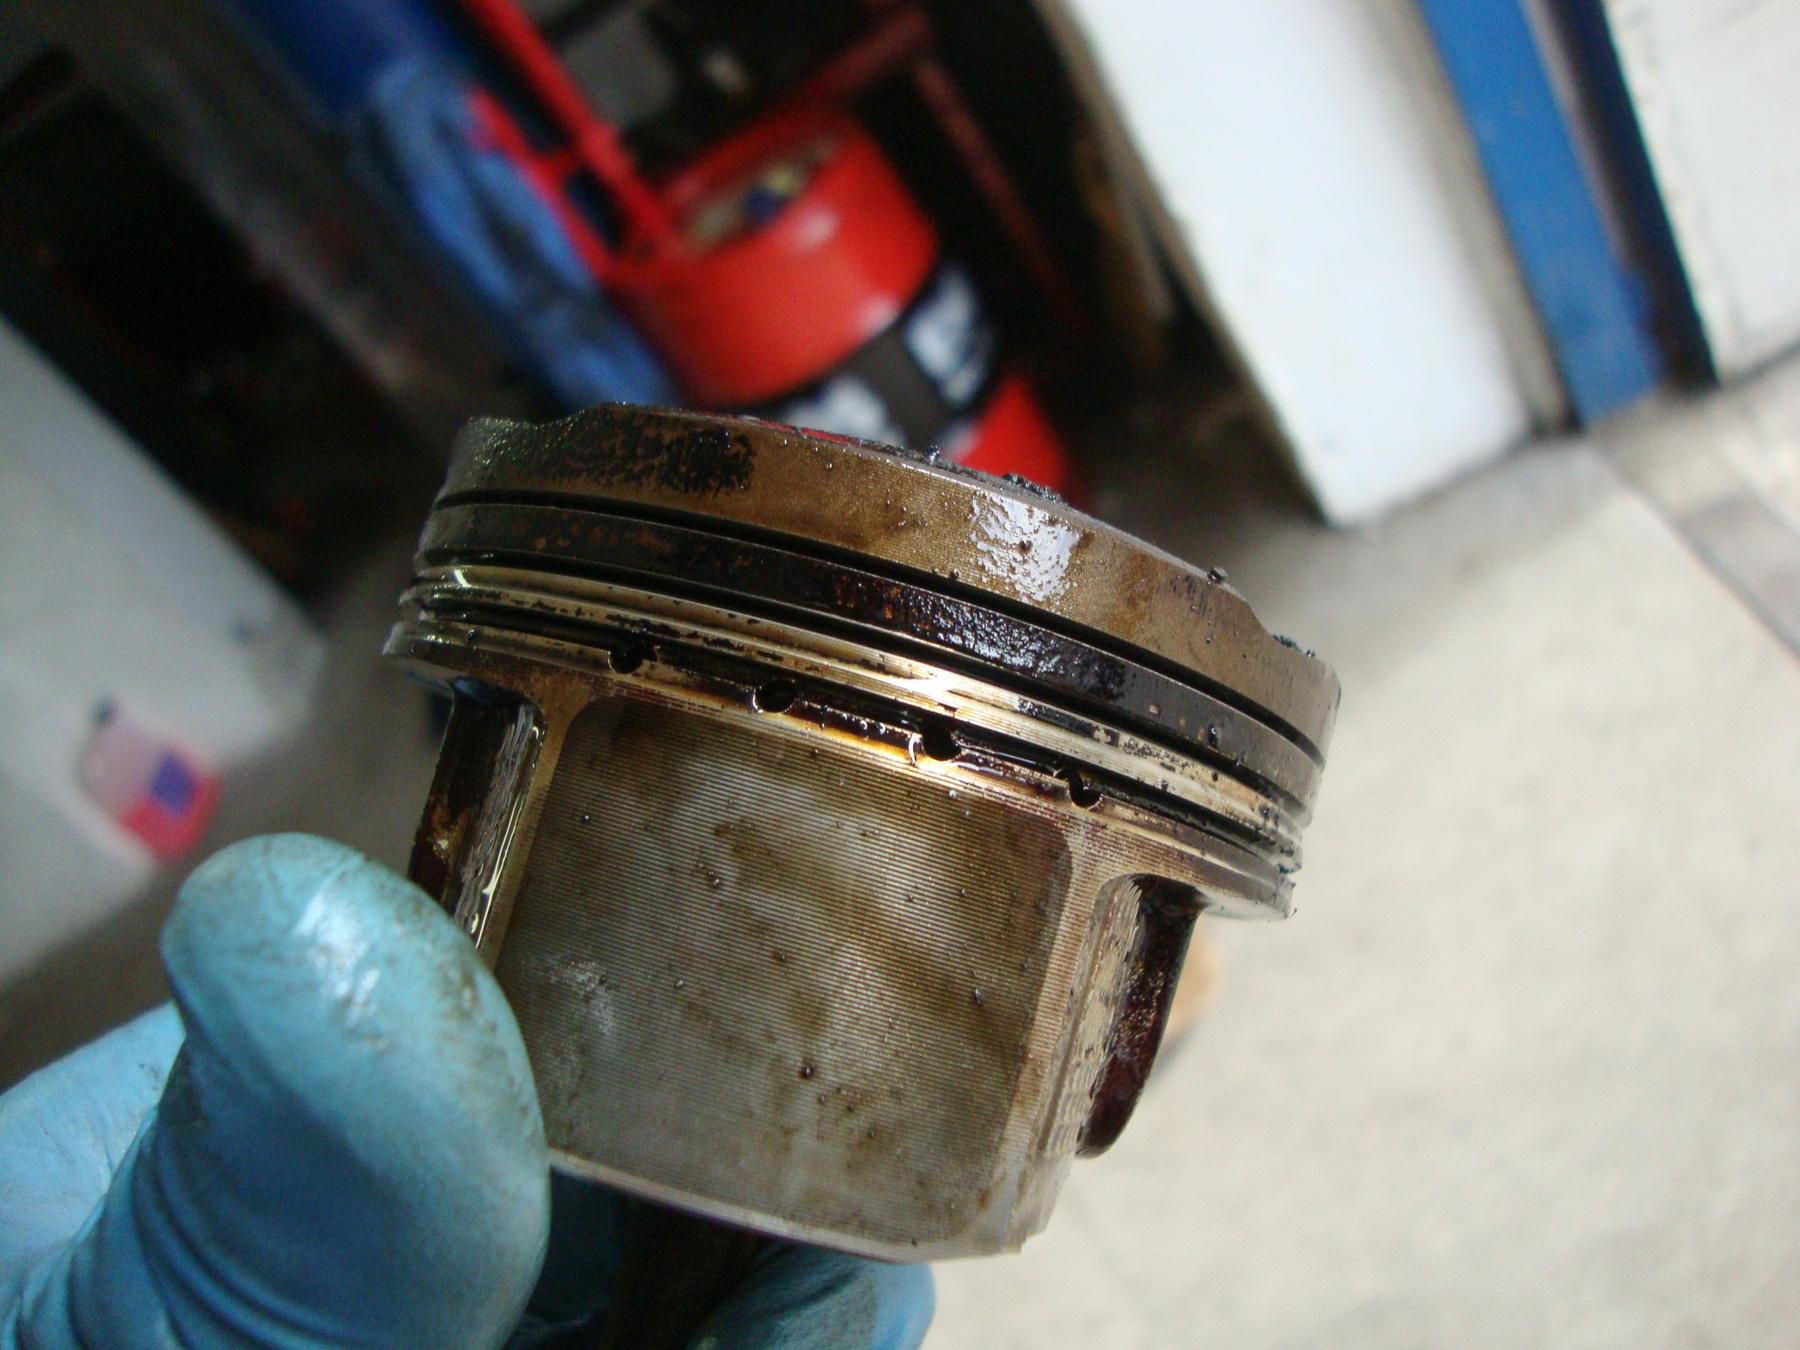 Itt az öreg dugattyún az olajáteresztő gyűrű nagy keresztmetszeten keresztül engedi át az olajat, nem tud eltömődni